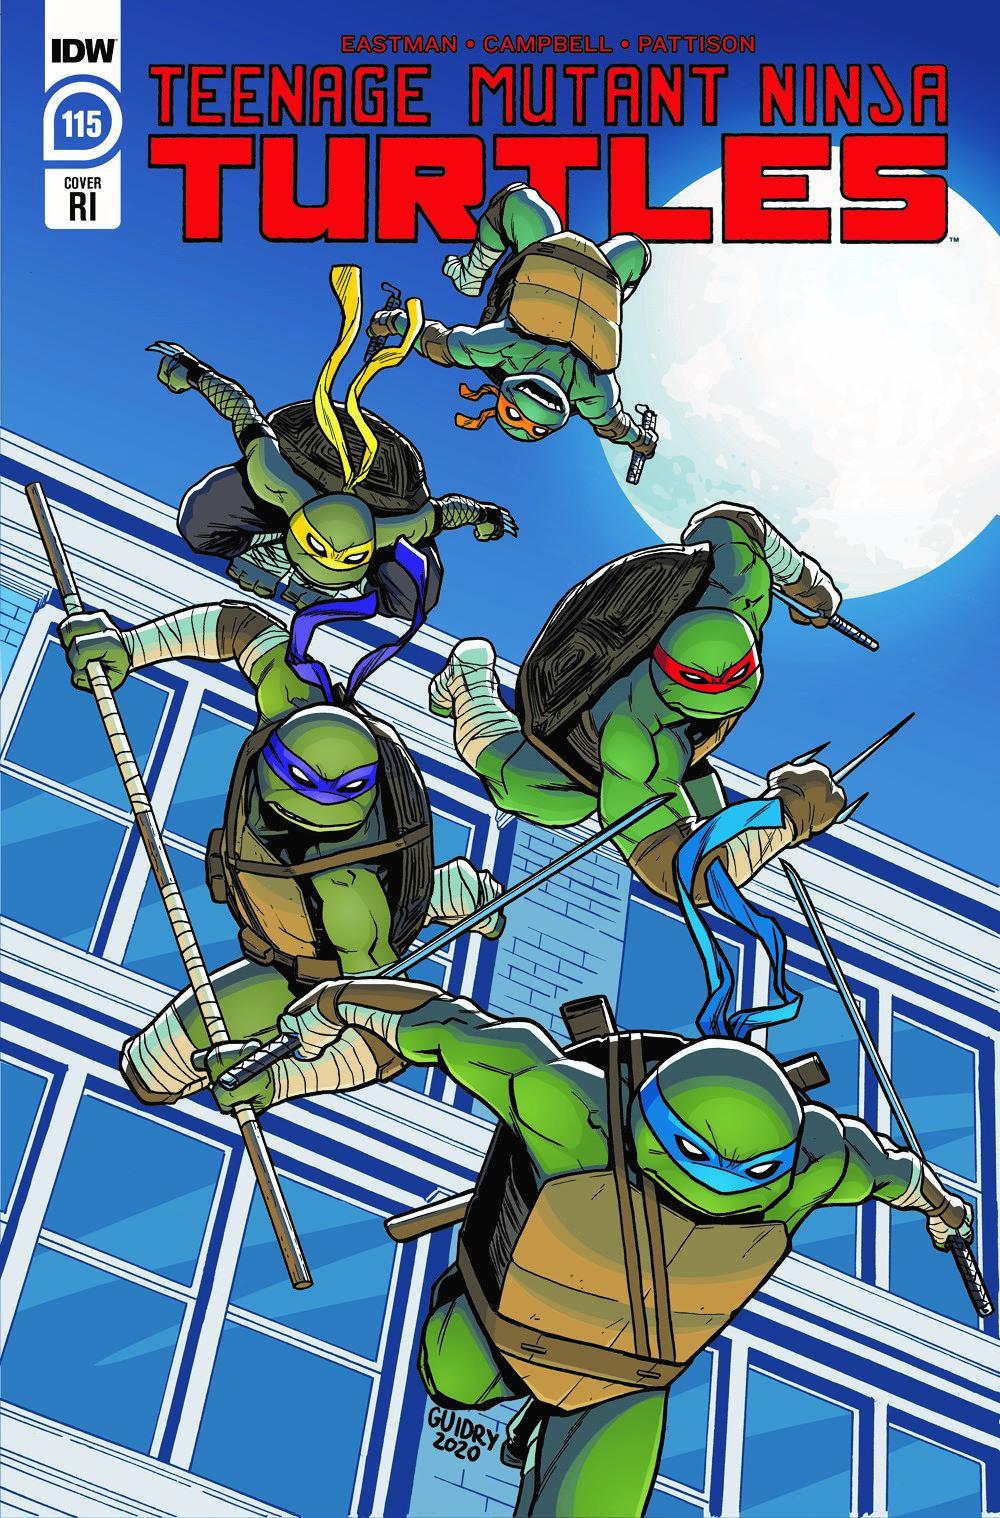 TMNT115_cvrRI ComicList Previews: TEENAGE MUTANT NINJA TURTLES #115